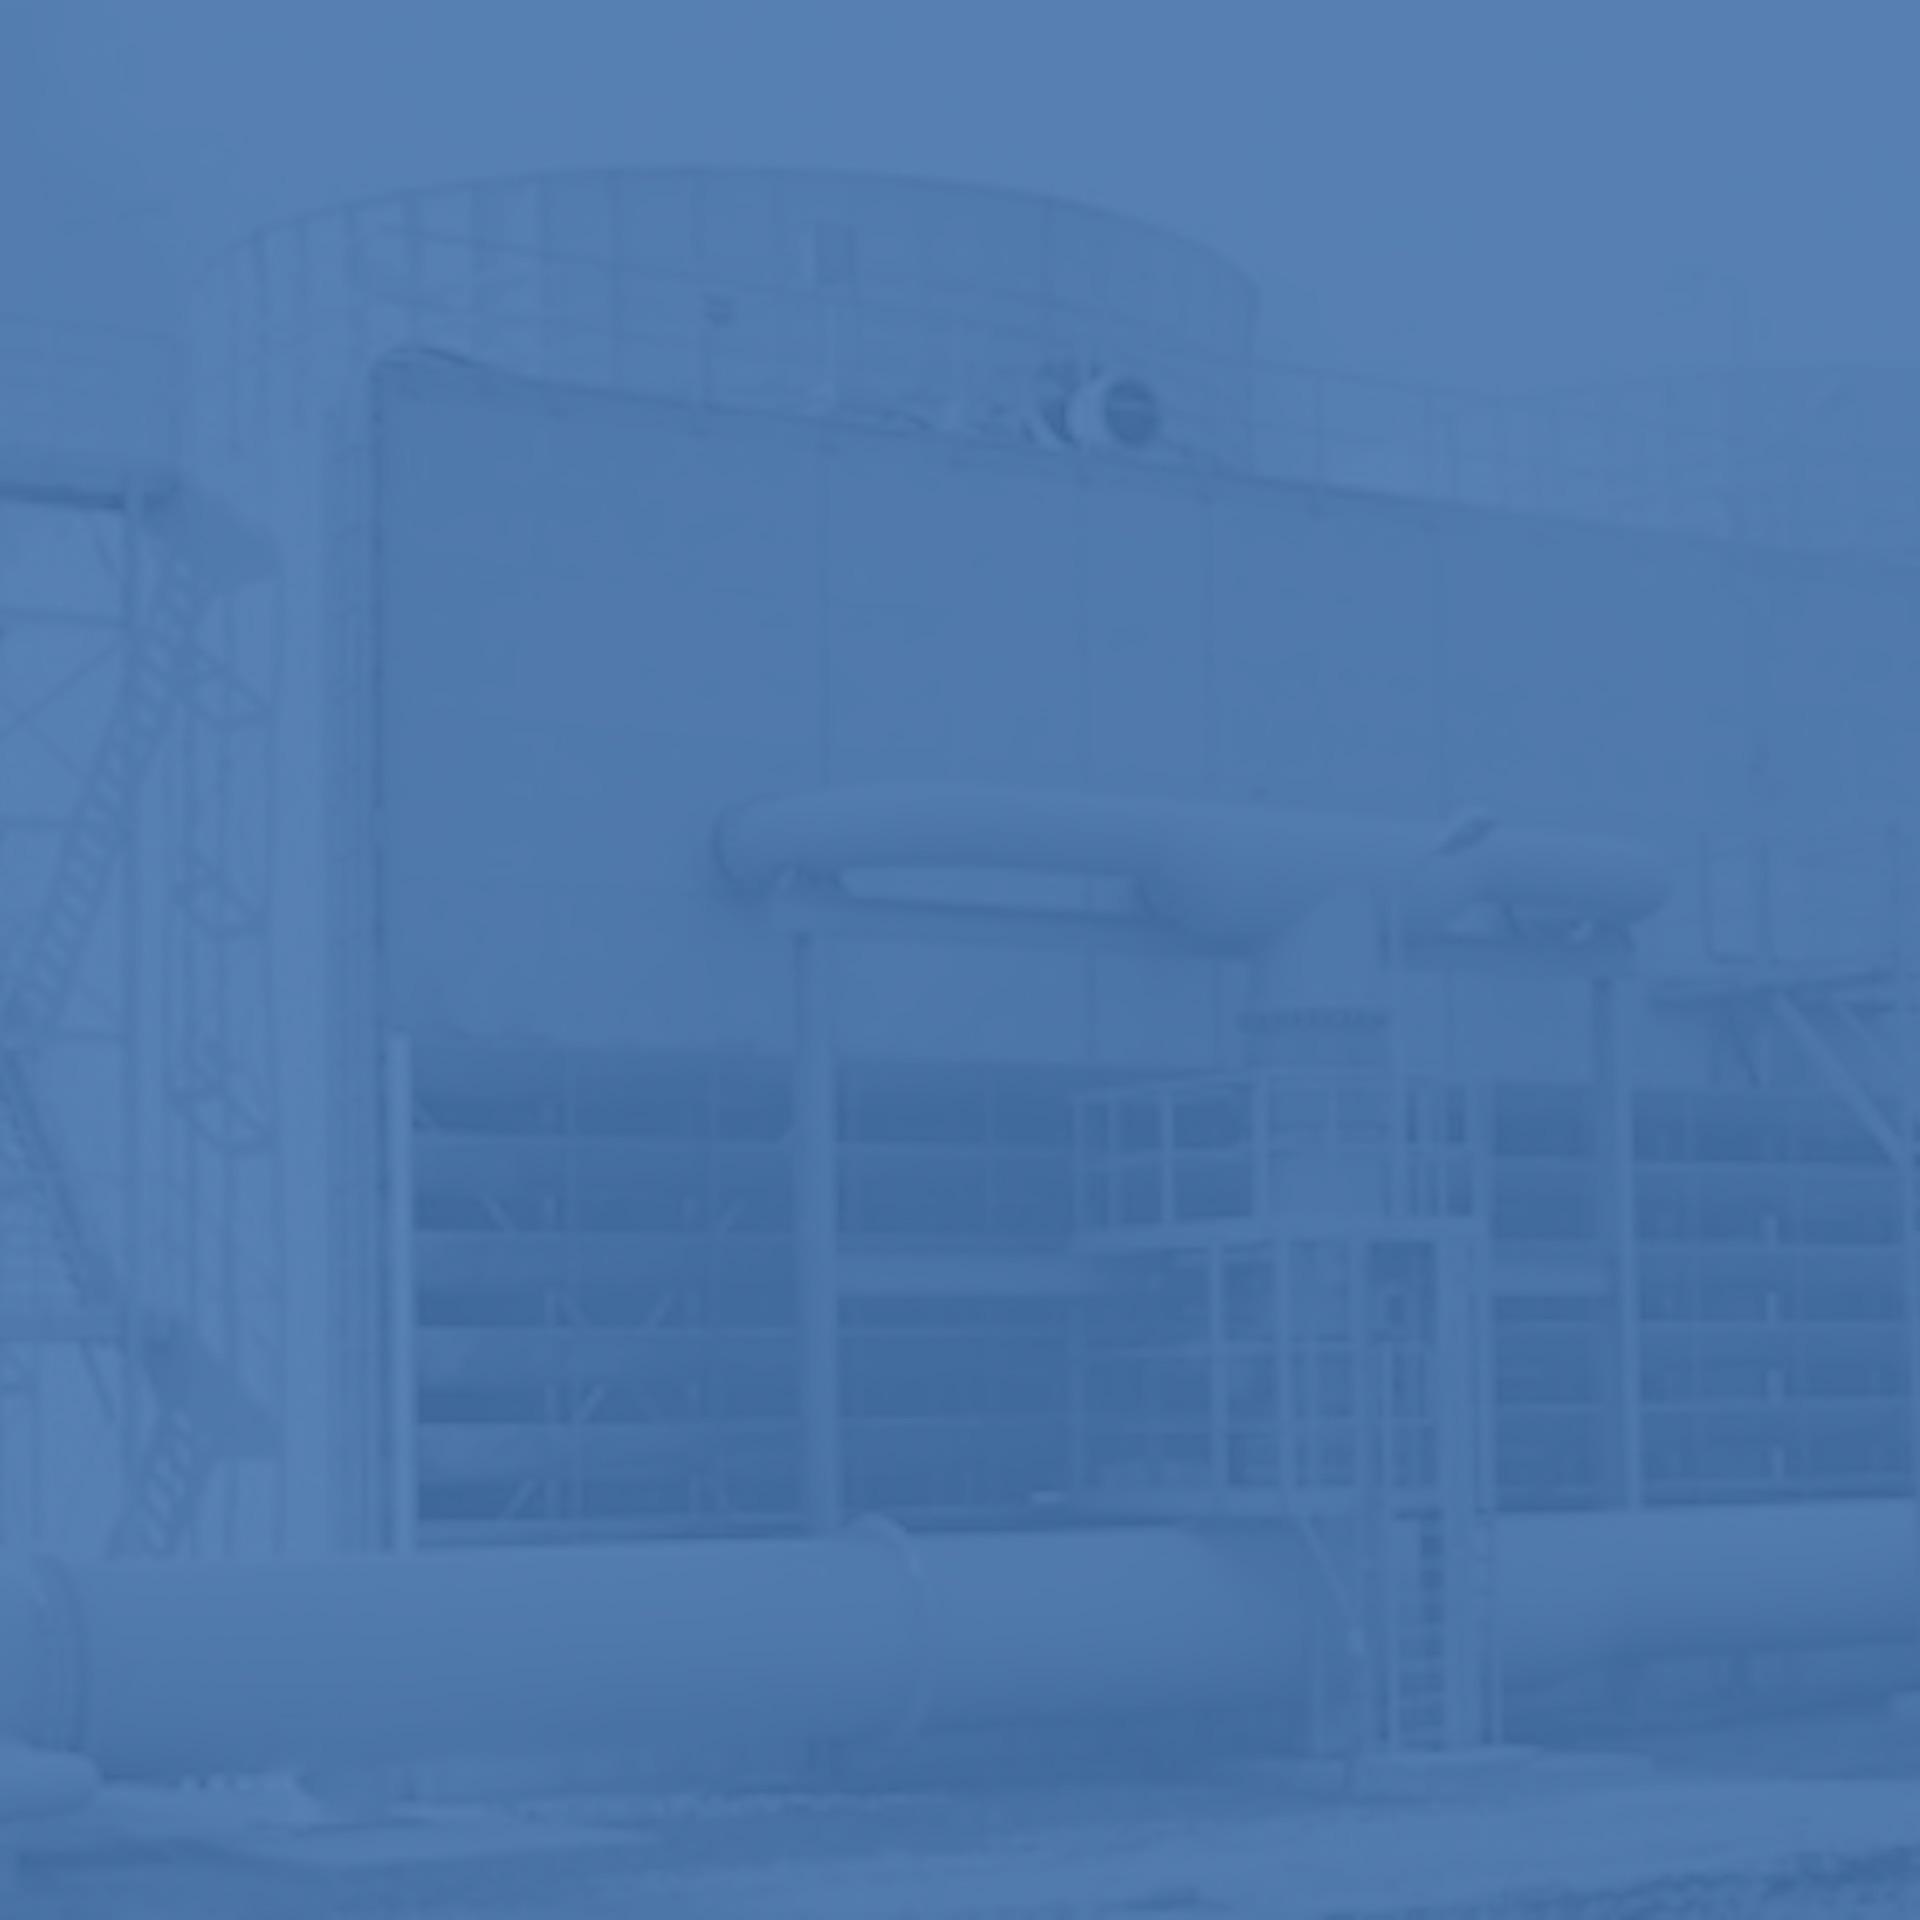 GWA_Kuehlanlagentechnik_Kuehltuerme_dreizellige_179MW_fuer_Kraftwerksindustrie_Gesellschaft_fuer_Waerme_und_Anlagentechnik_monochrom